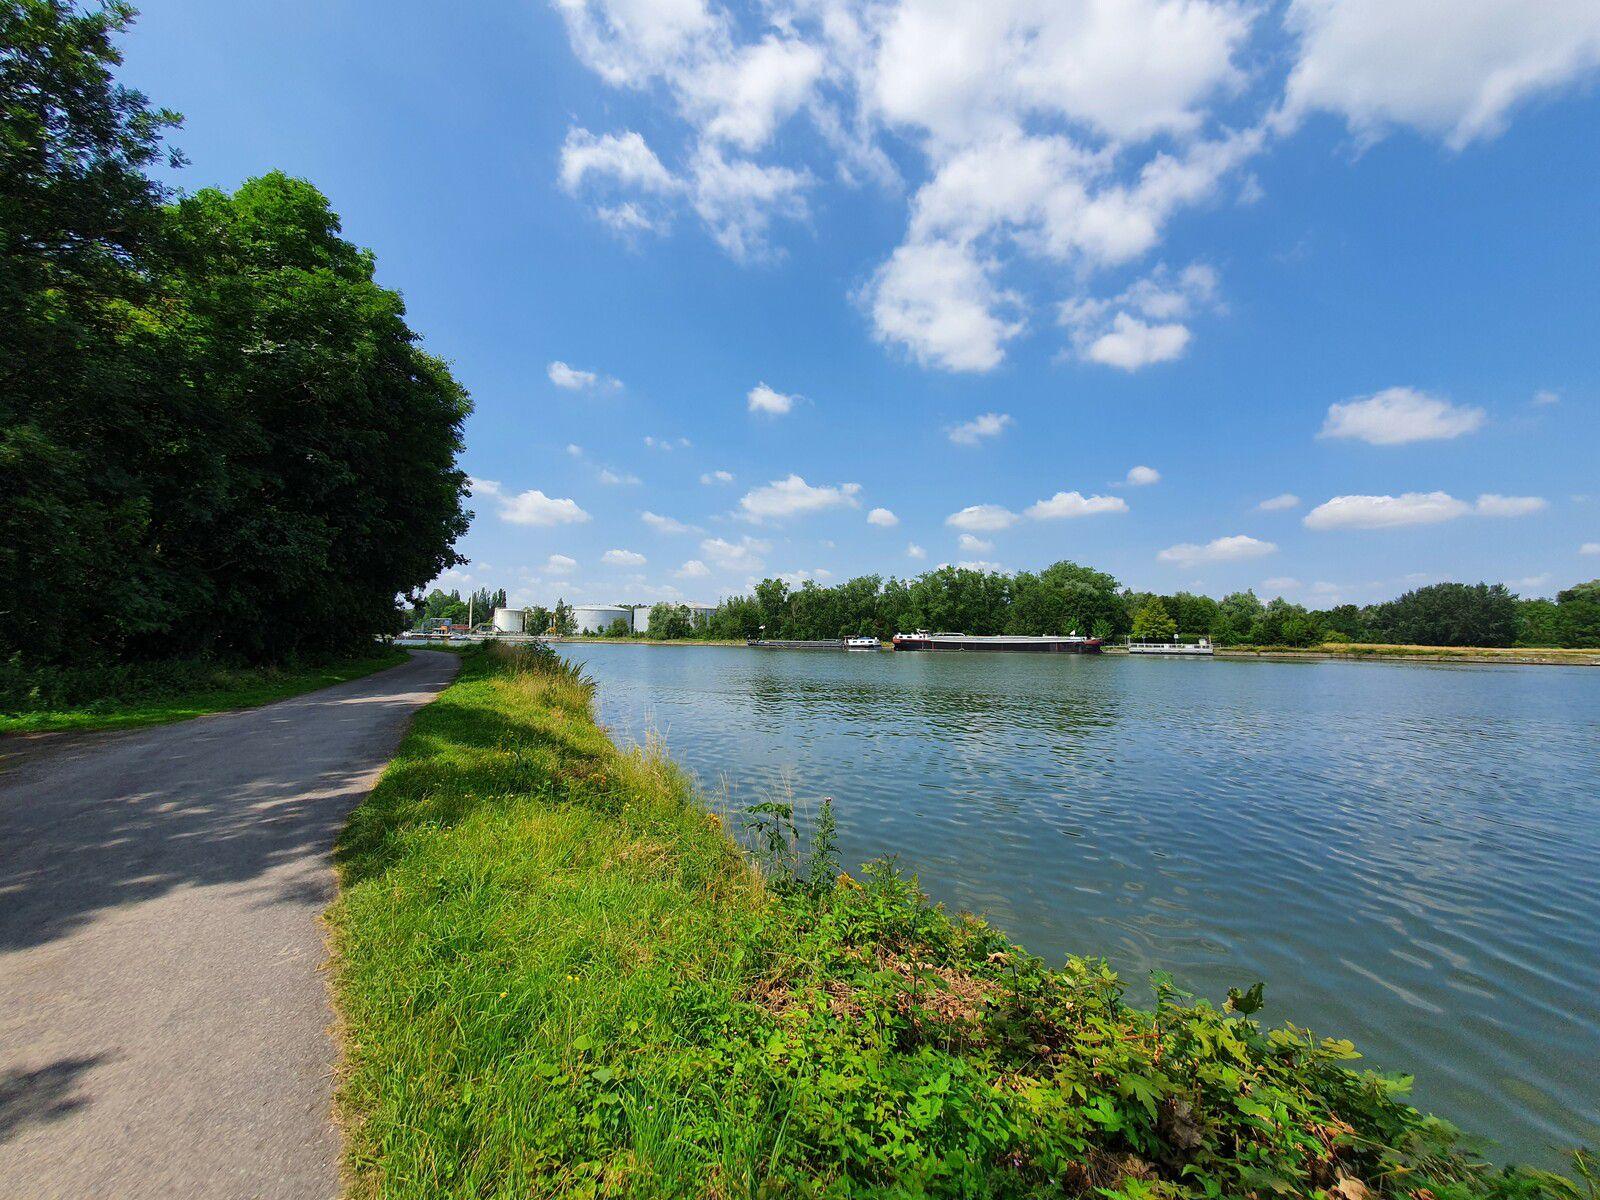 Chemin de halage du canal de la Deûle, à Allennes-les-Marais